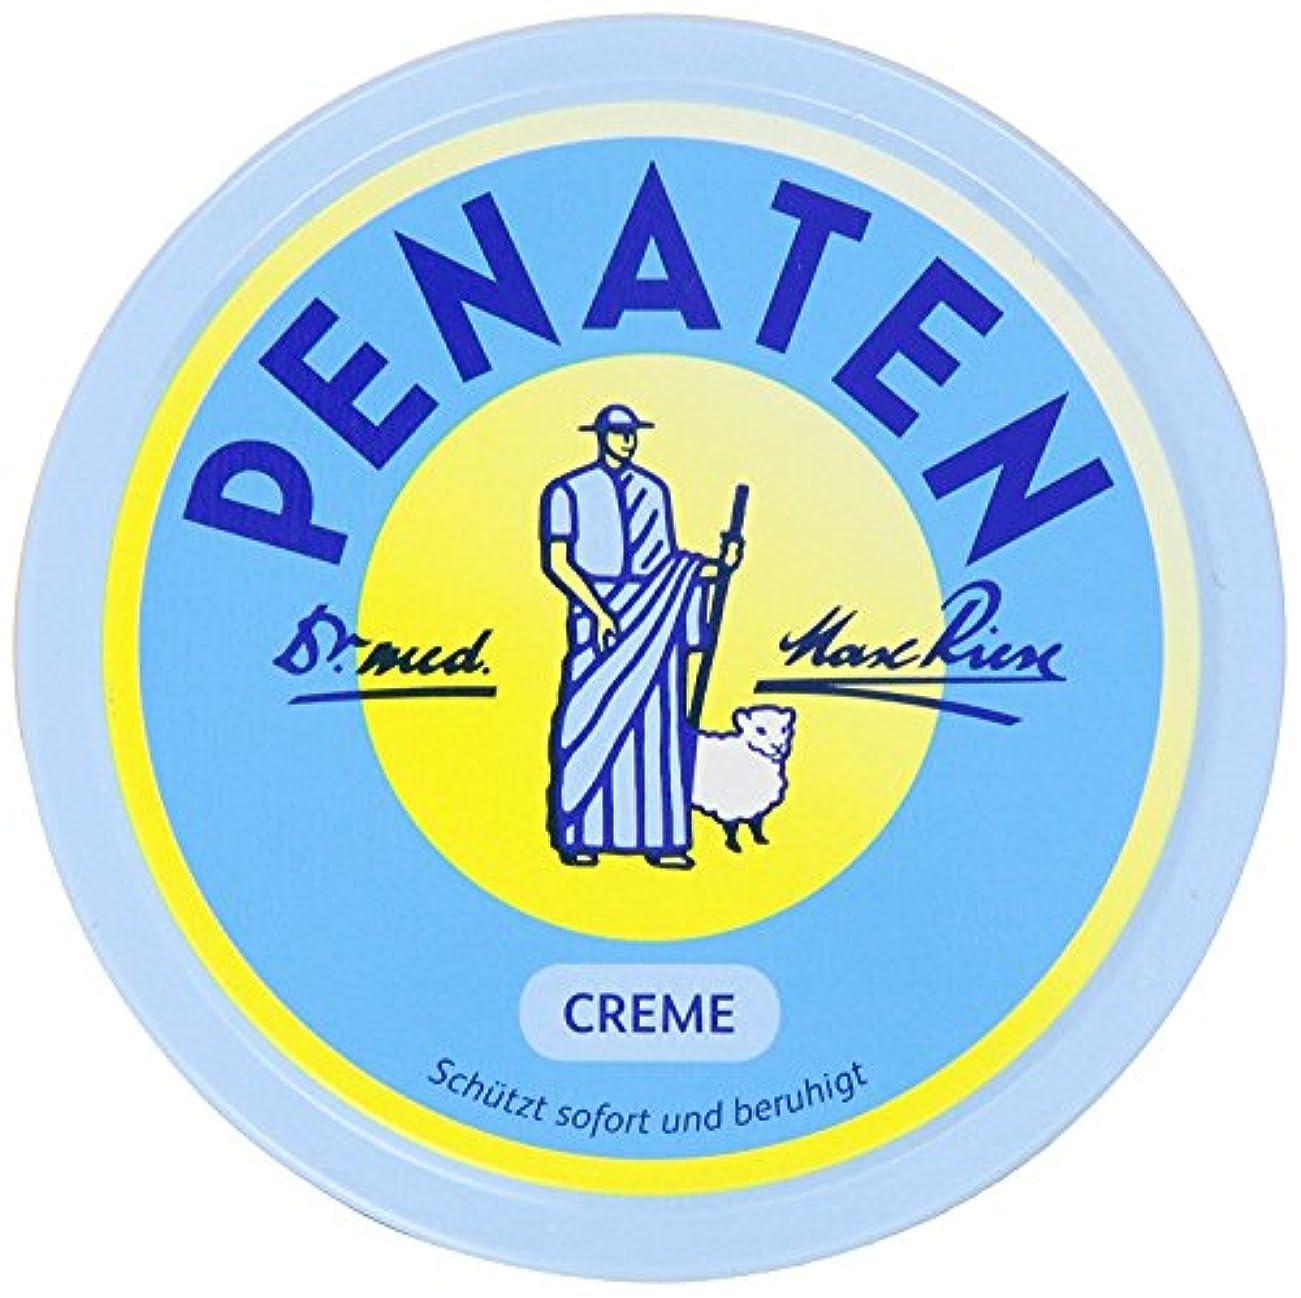 スタッフ敷居キャンセル(ペナテン) Penaten Baby Creme 150 ml, 3er Pack (3 x 150 ml) (並行輸入品) shumaman